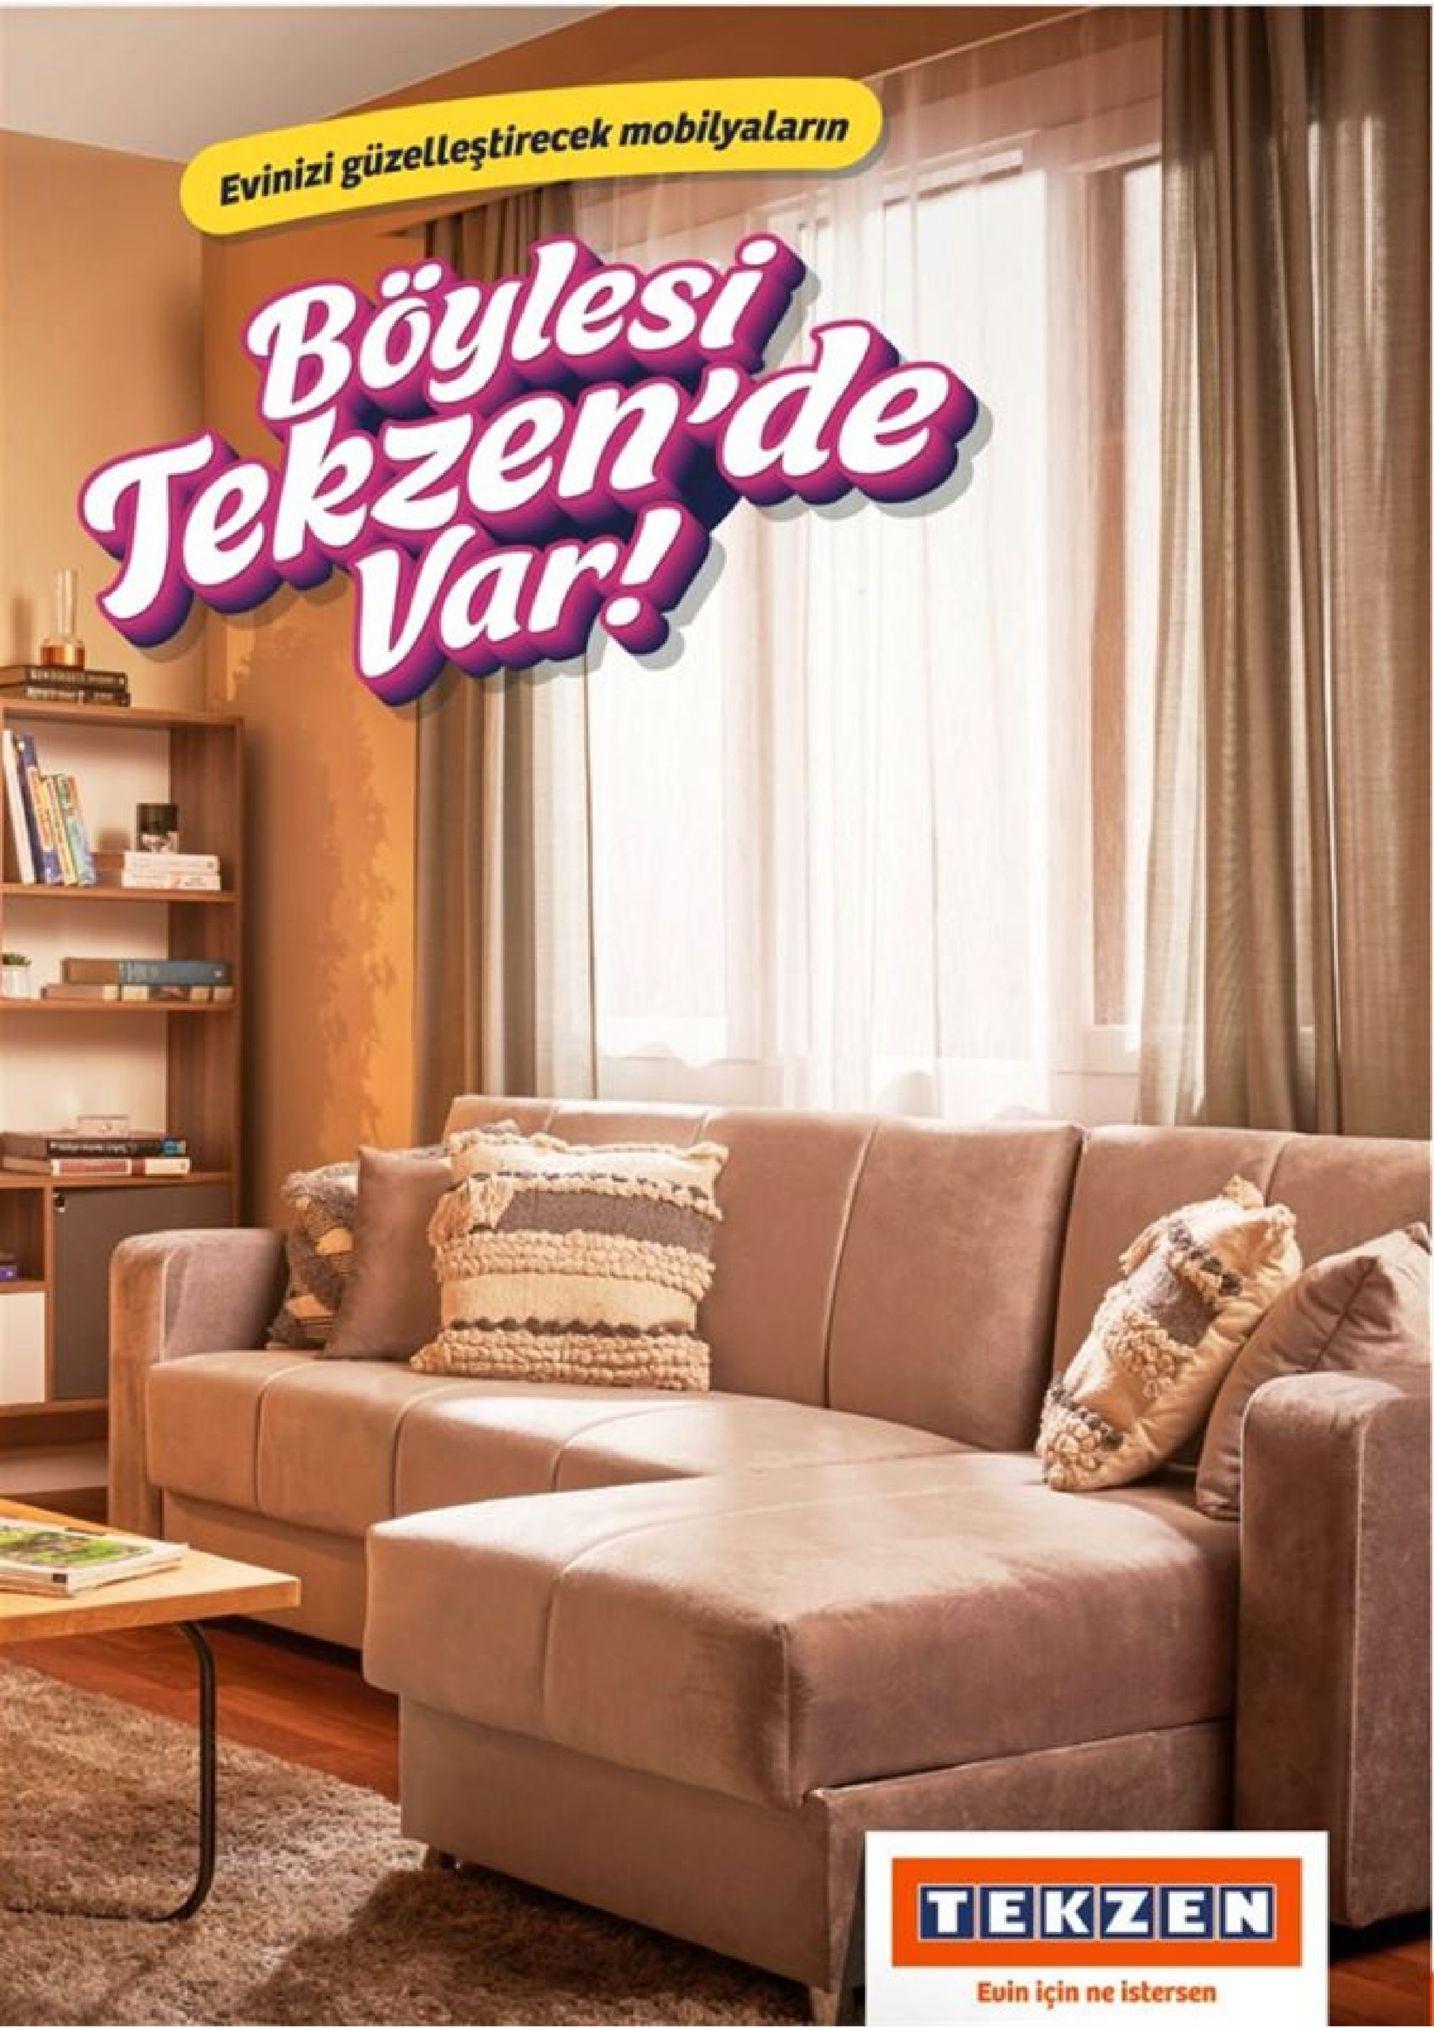 evinizi güzelleştirecek mobilyaların böylesi tekžen de var! tekzen euin için ne istersen